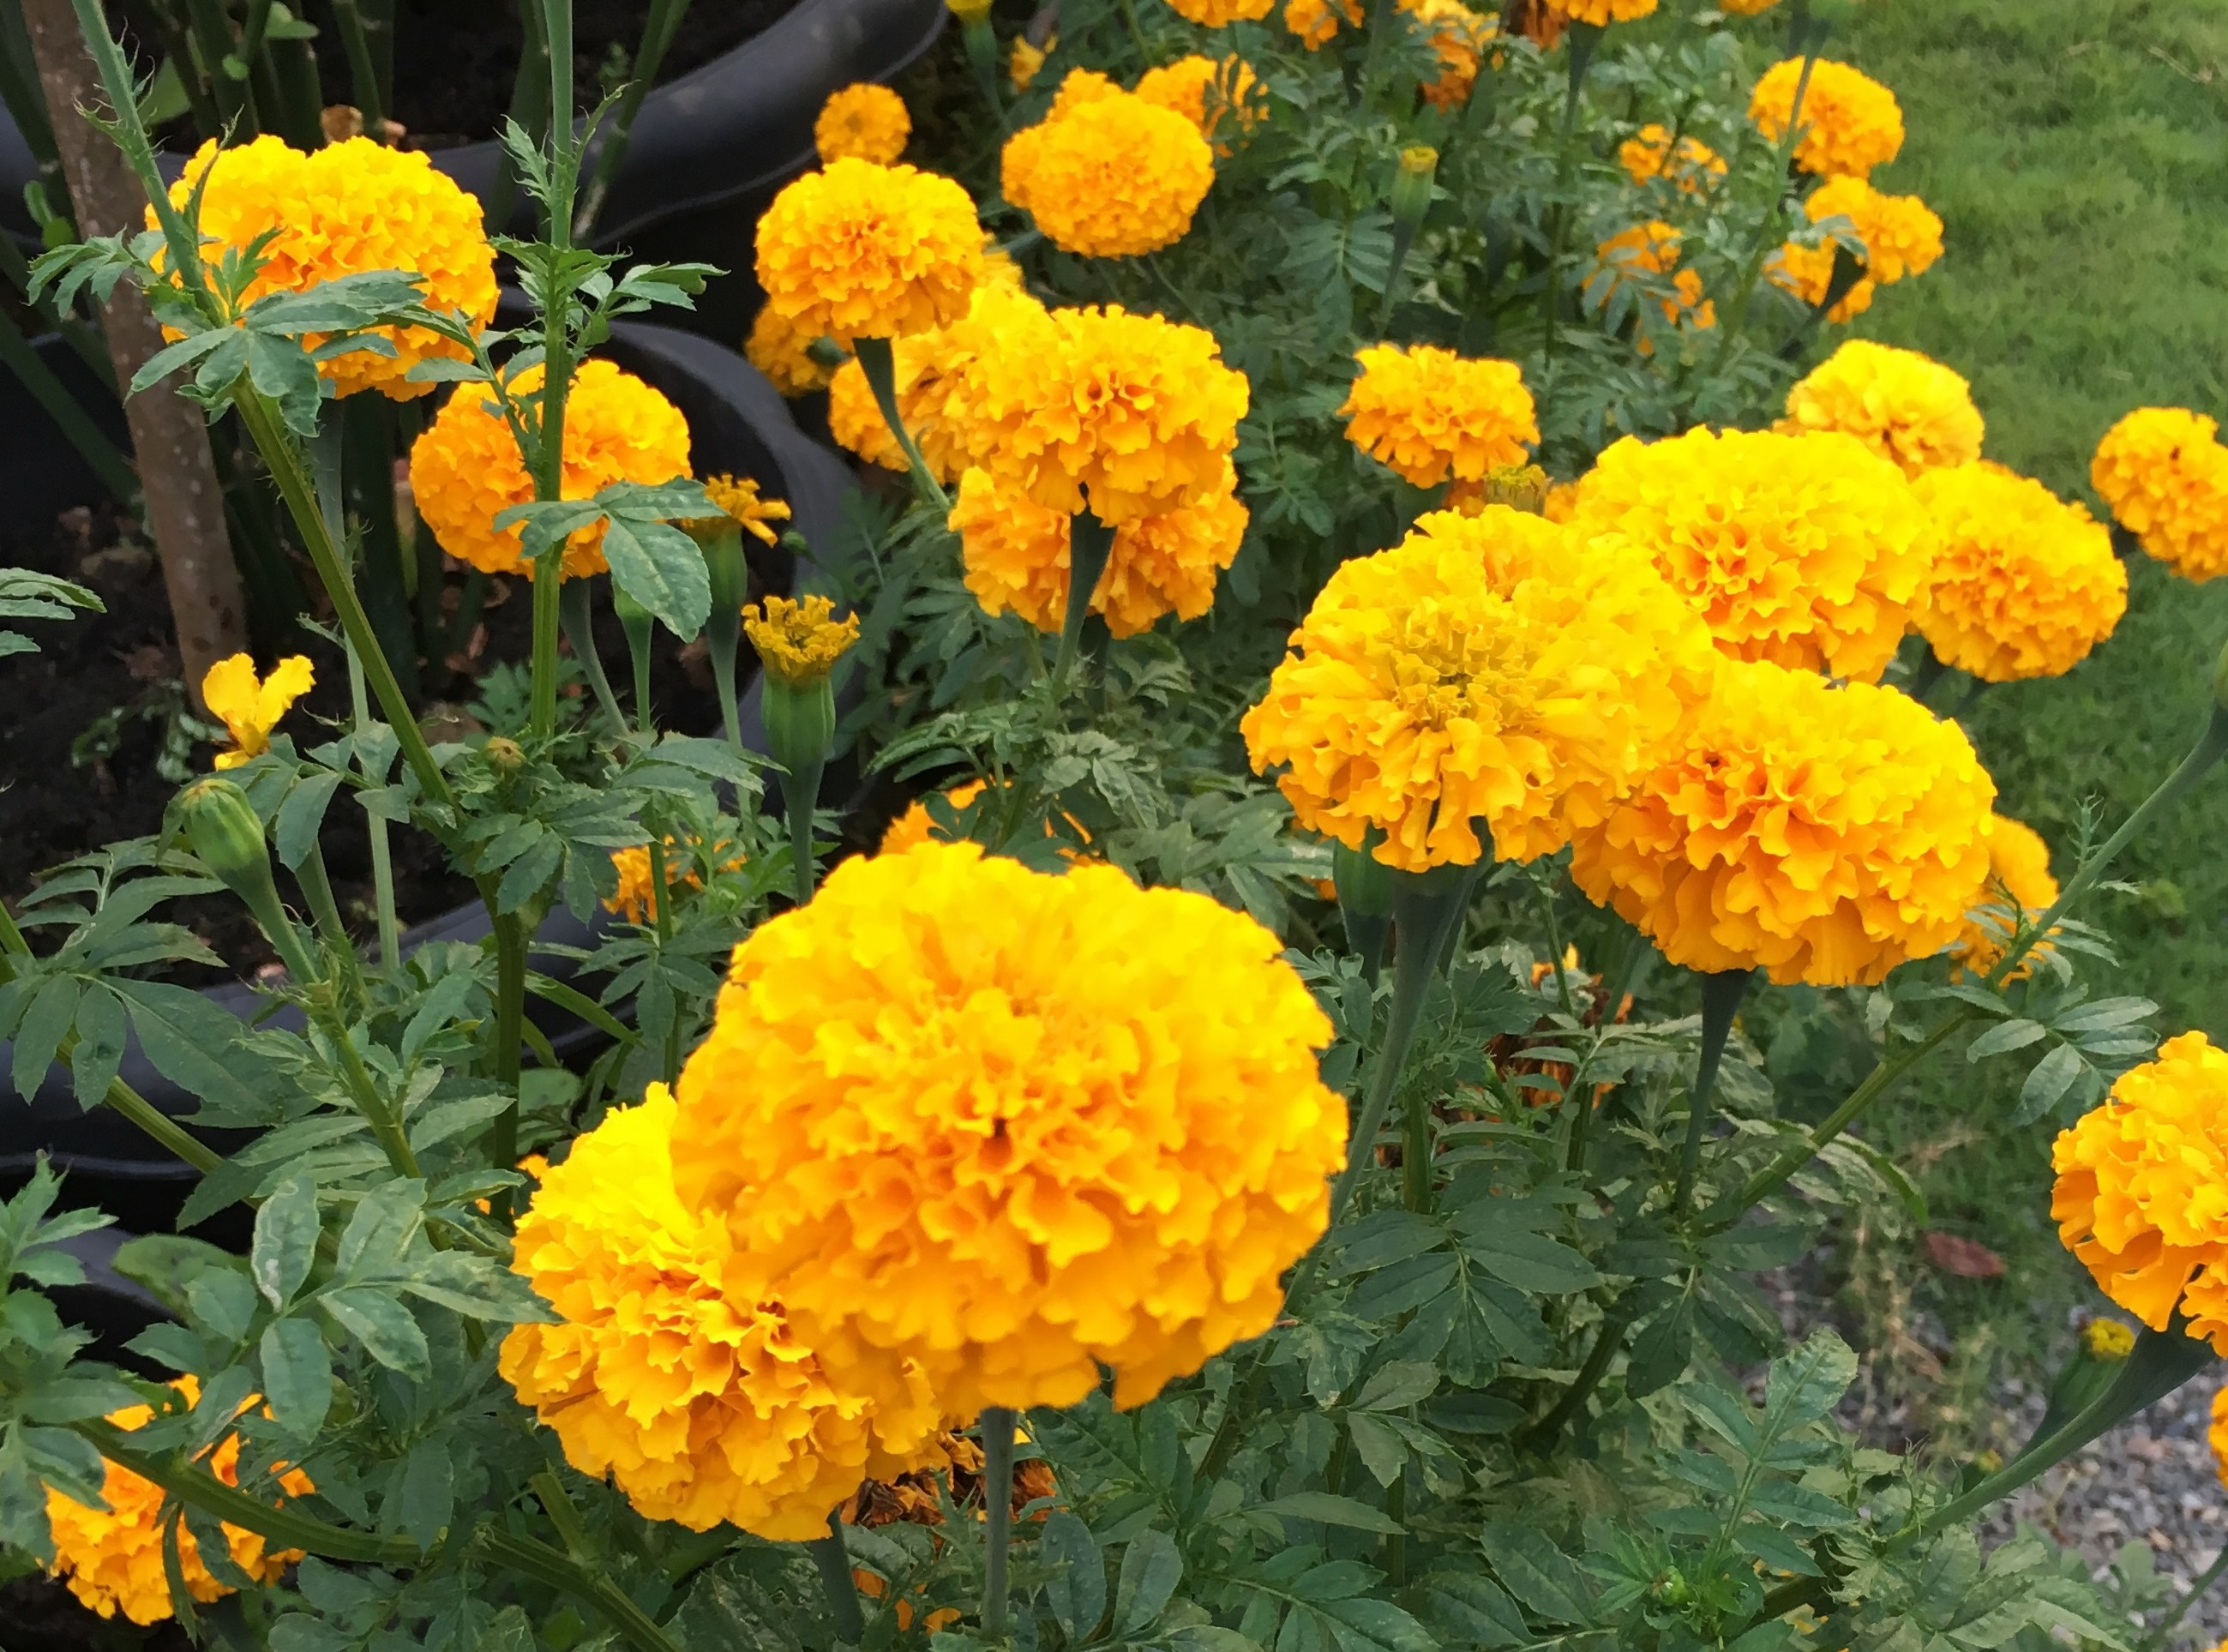 ชุดปลูกดอกดาวเรือง Marigold ออแกนิกส์